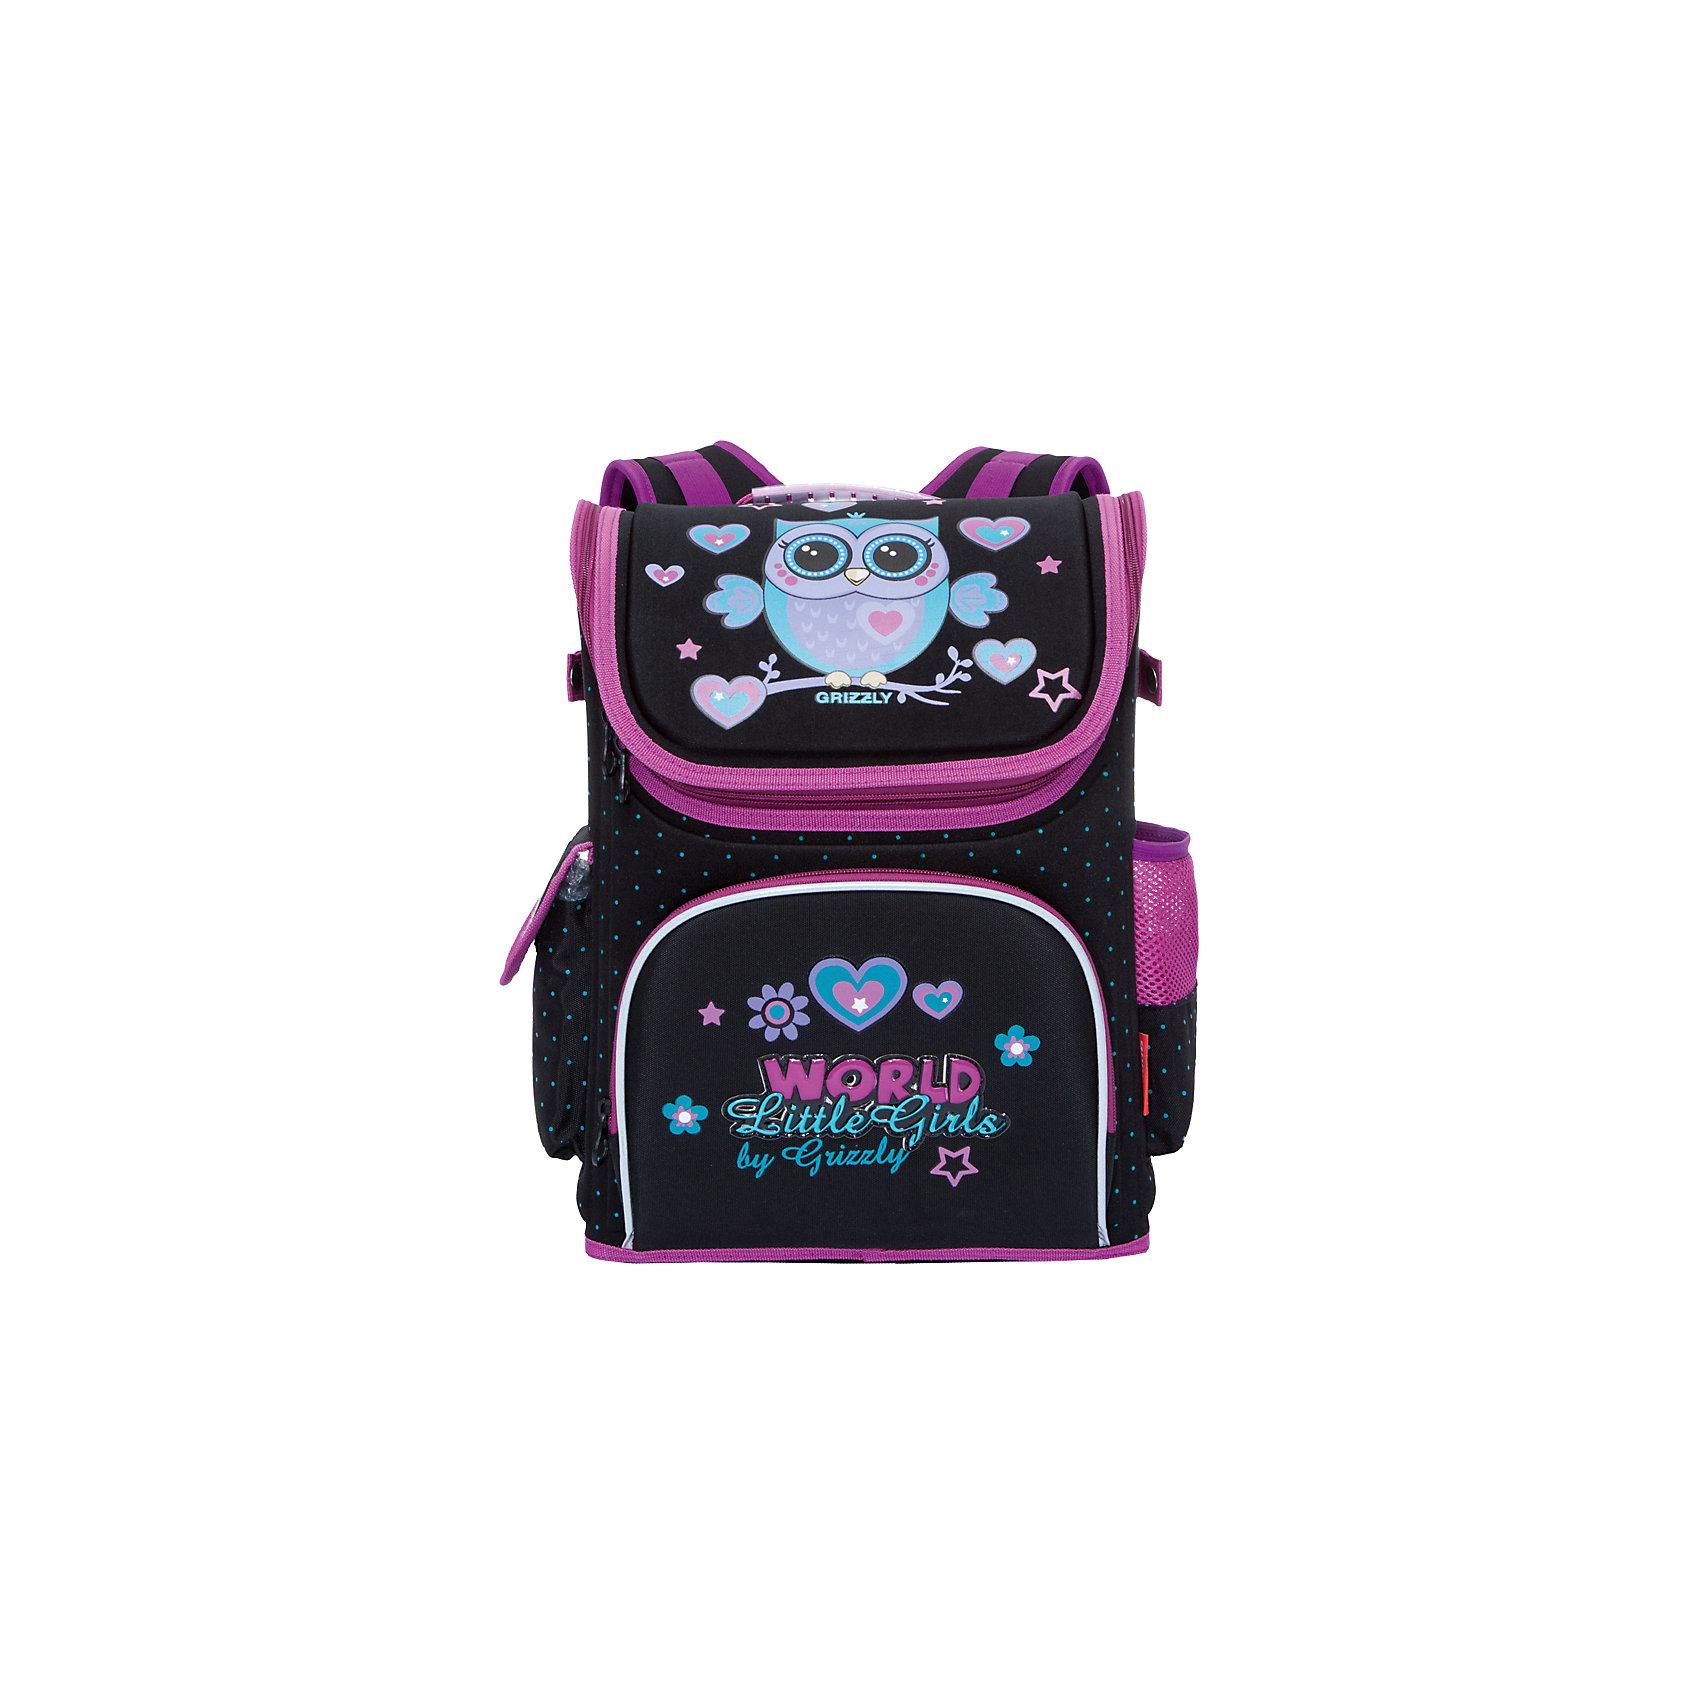 Рюкзак школьный Grizzly 1 отделениеРюкзаки<br>Рюкзак, одно отделение, карман на молнии на передней стенке, объемный боковой карман с клапаном, боковой карман на резинке, разделительная перегородка-органайзер с карманом из сетки, укрепленная спинка, дополнительная ручка-петля, эластичные лямки, светоотражающие элементы с четырех сторон.<br>Вес, г: 930<br>Размер, см: 28х37х16<br>Состав: Неопрен, нейлон 380<br>Наличие светоотражающих элементов:  да<br>Материал: Неопрен, нейлон 380<br>Спина:  жесткая<br>Наличие дополнительных карманов внутри:  нет<br>Дно выбрать:  жесткое<br>Количество отделений внутри:  1<br>Боковые карманы: да<br>Замок:  Молния<br>Вмещает А4:  да<br><br>Ширина мм: 280<br>Глубина мм: 160<br>Высота мм: 370<br>Вес г: 900<br>Возраст от месяцев: 72<br>Возраст до месяцев: 120<br>Пол: Женский<br>Возраст: Детский<br>SKU: 6727524